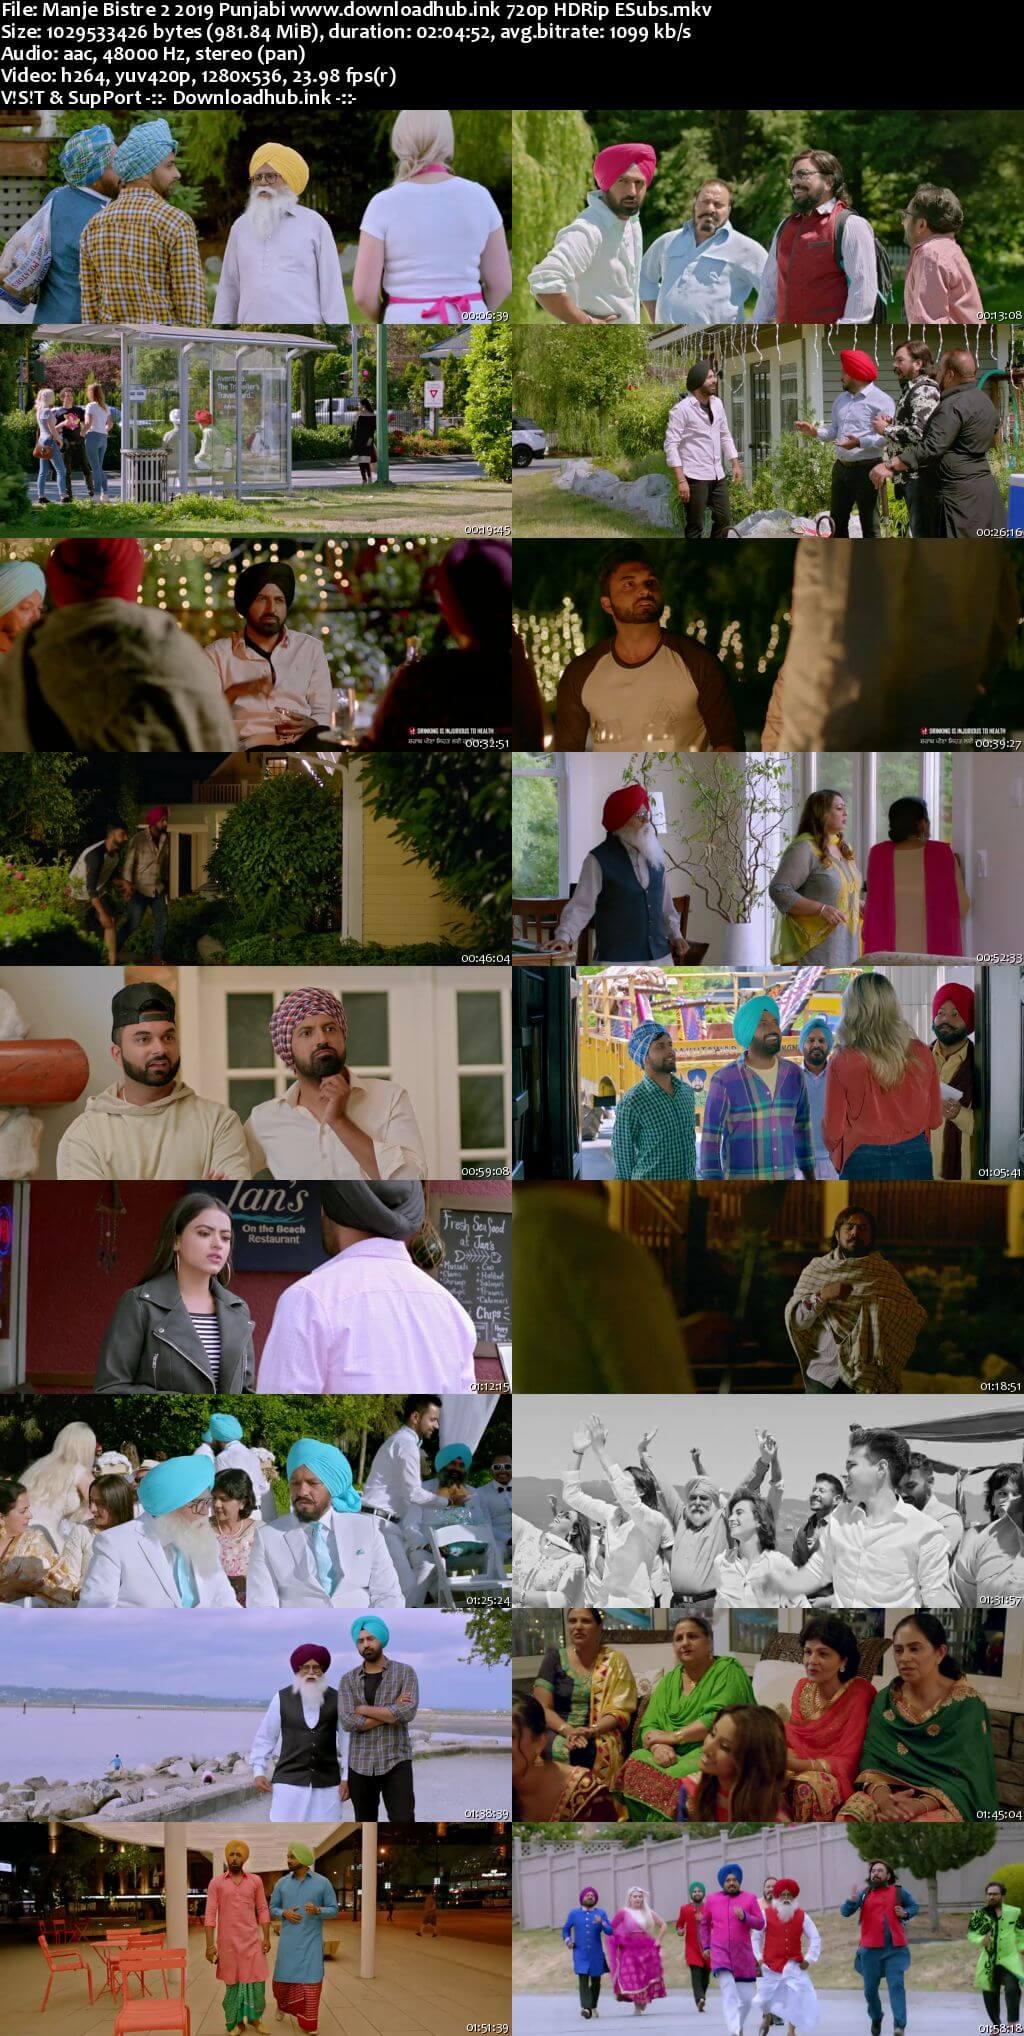 Manje Bistre 2 2019 Punjabi 720p HDRip ESubs